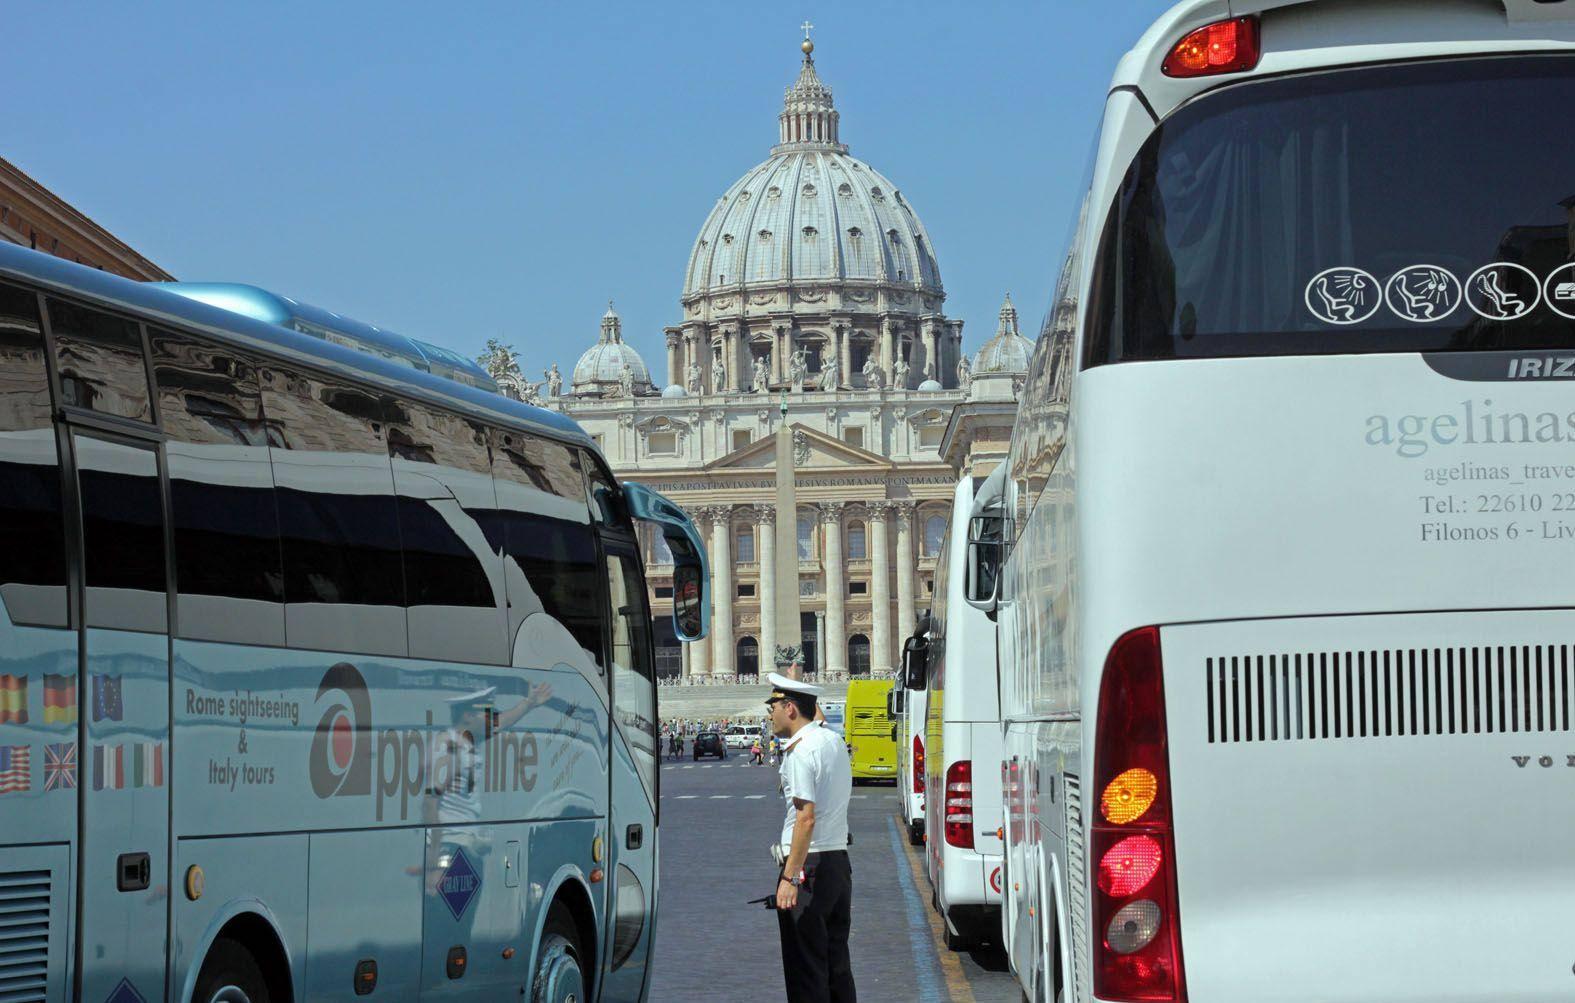 Vigili e bus turistici in via della Conciliazione (Jpeg)